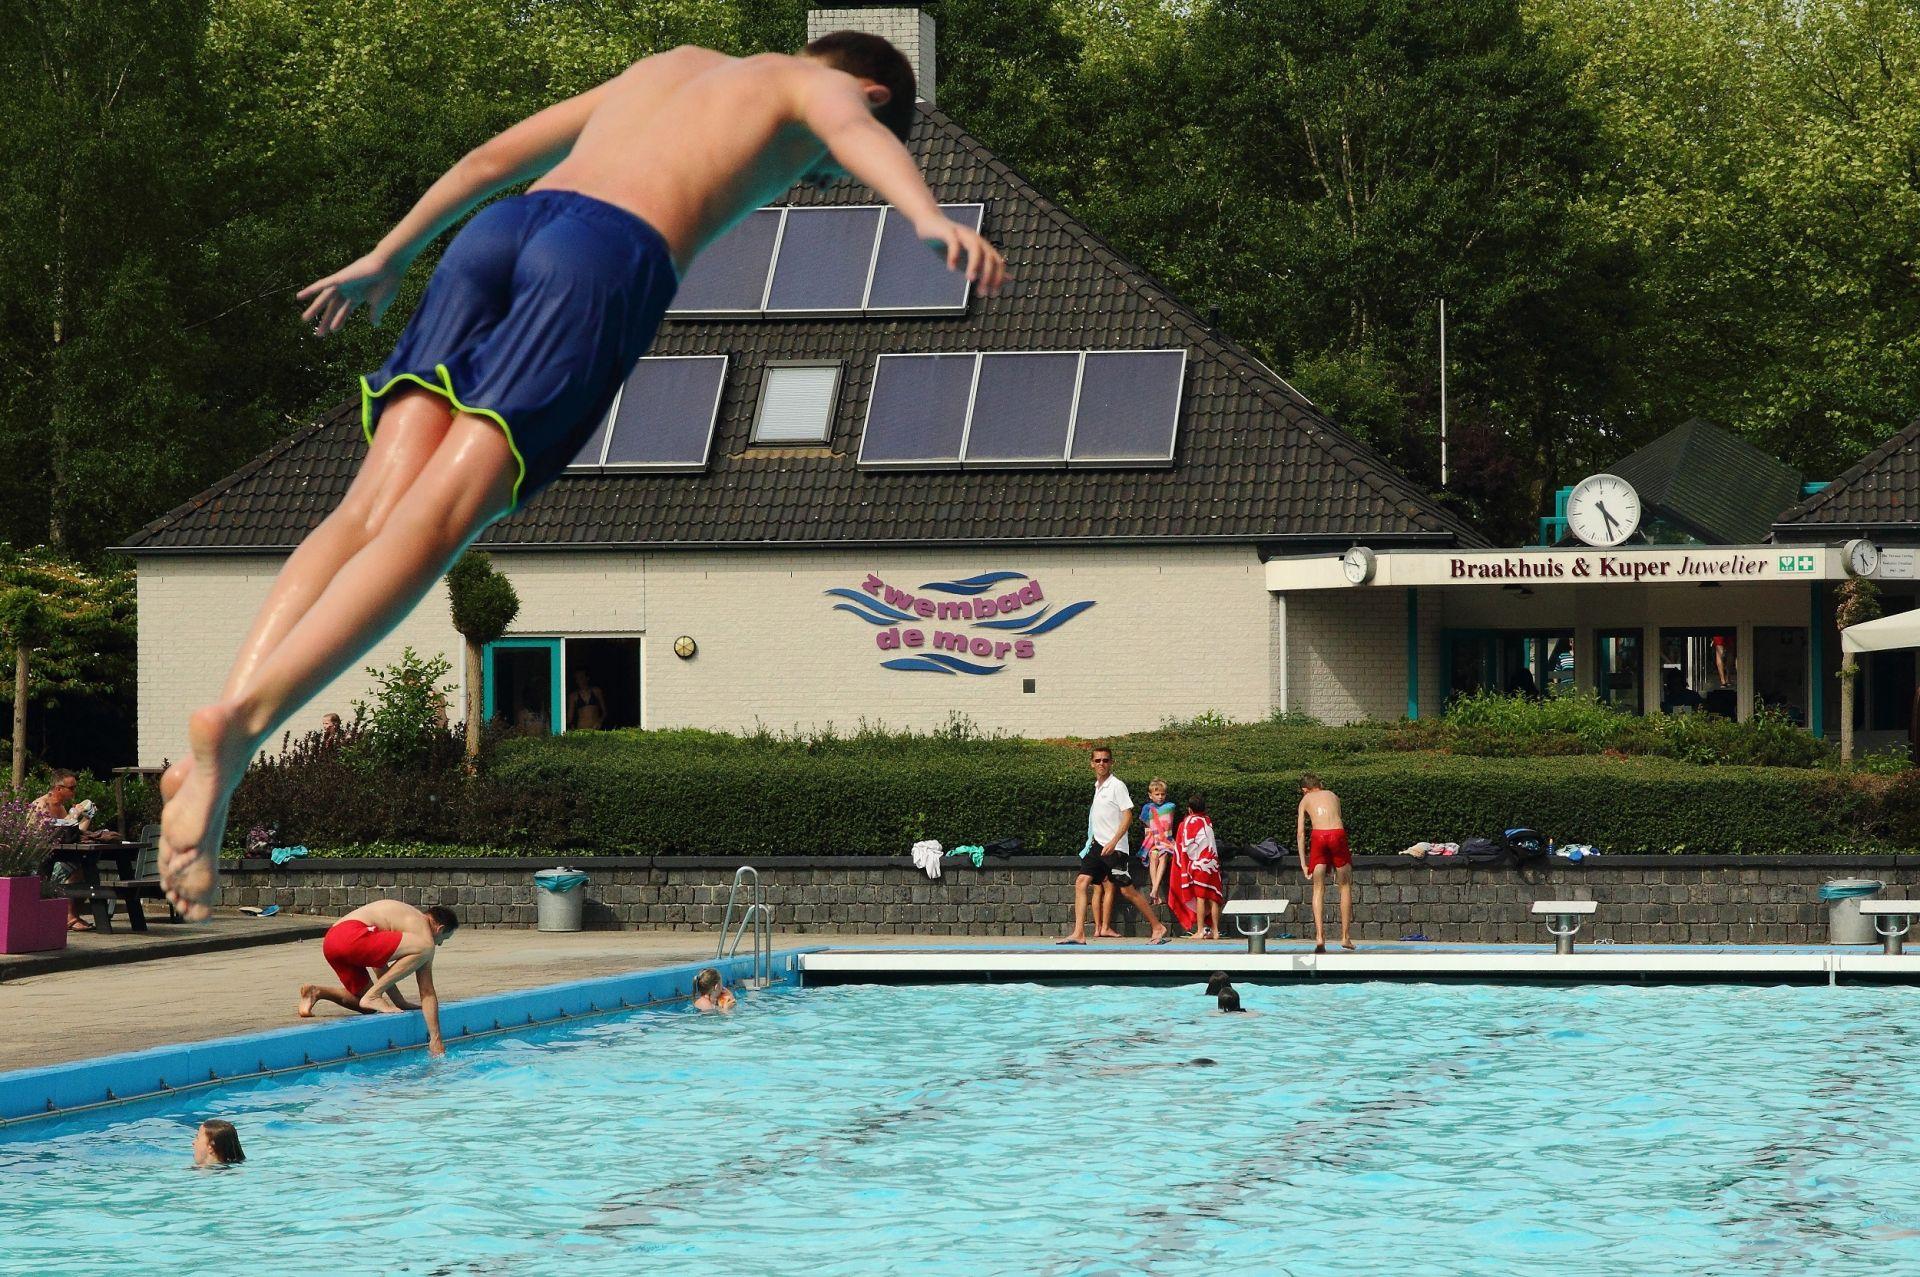 Zwembad De Mors in Beeld - Weekend met ruim 4000 bezoekers